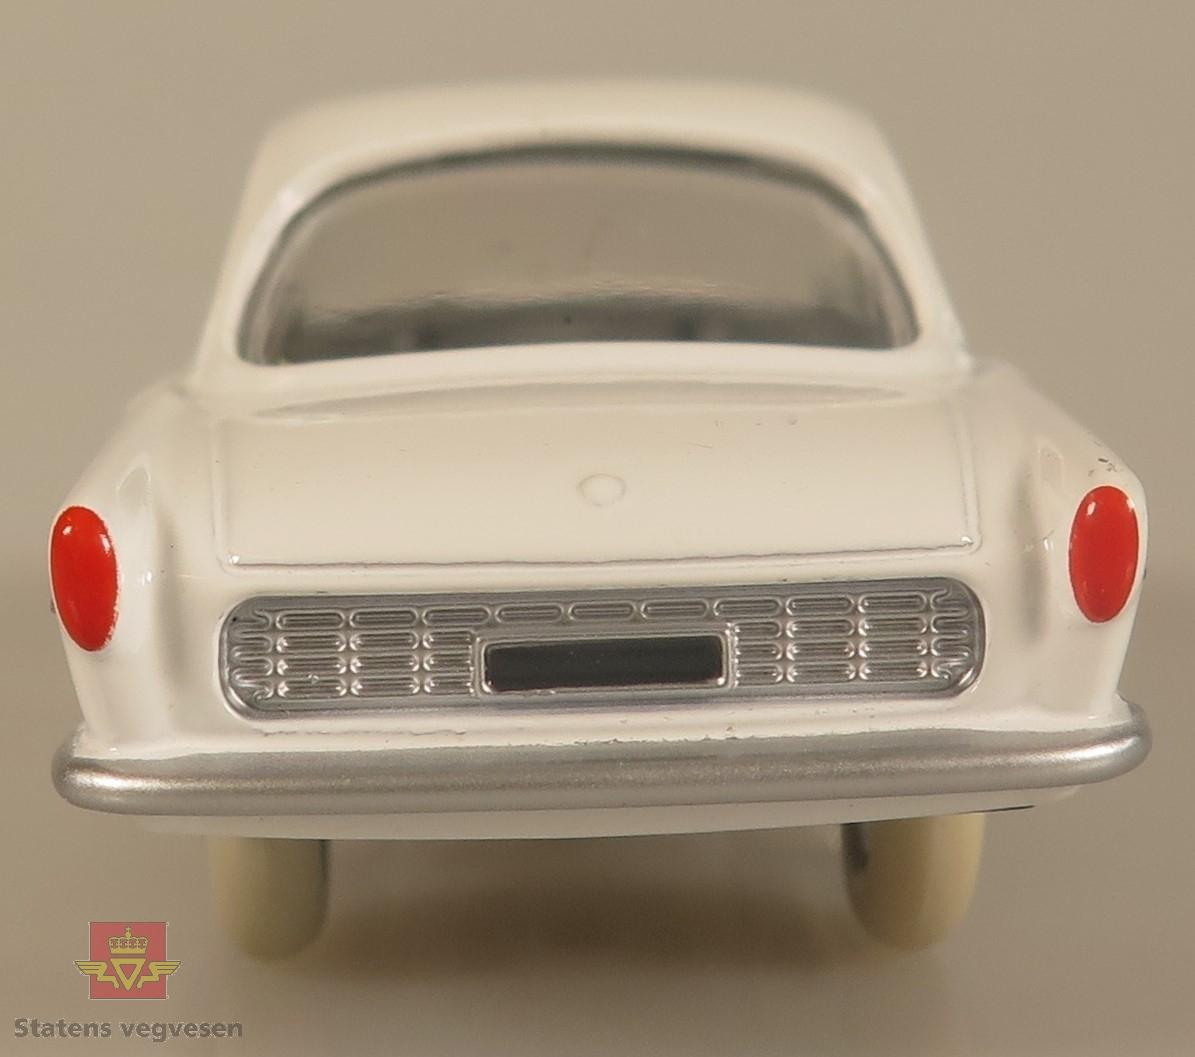 Modellbil av en Renault Floride, modellbilen er hvit farget med hvite dekk.